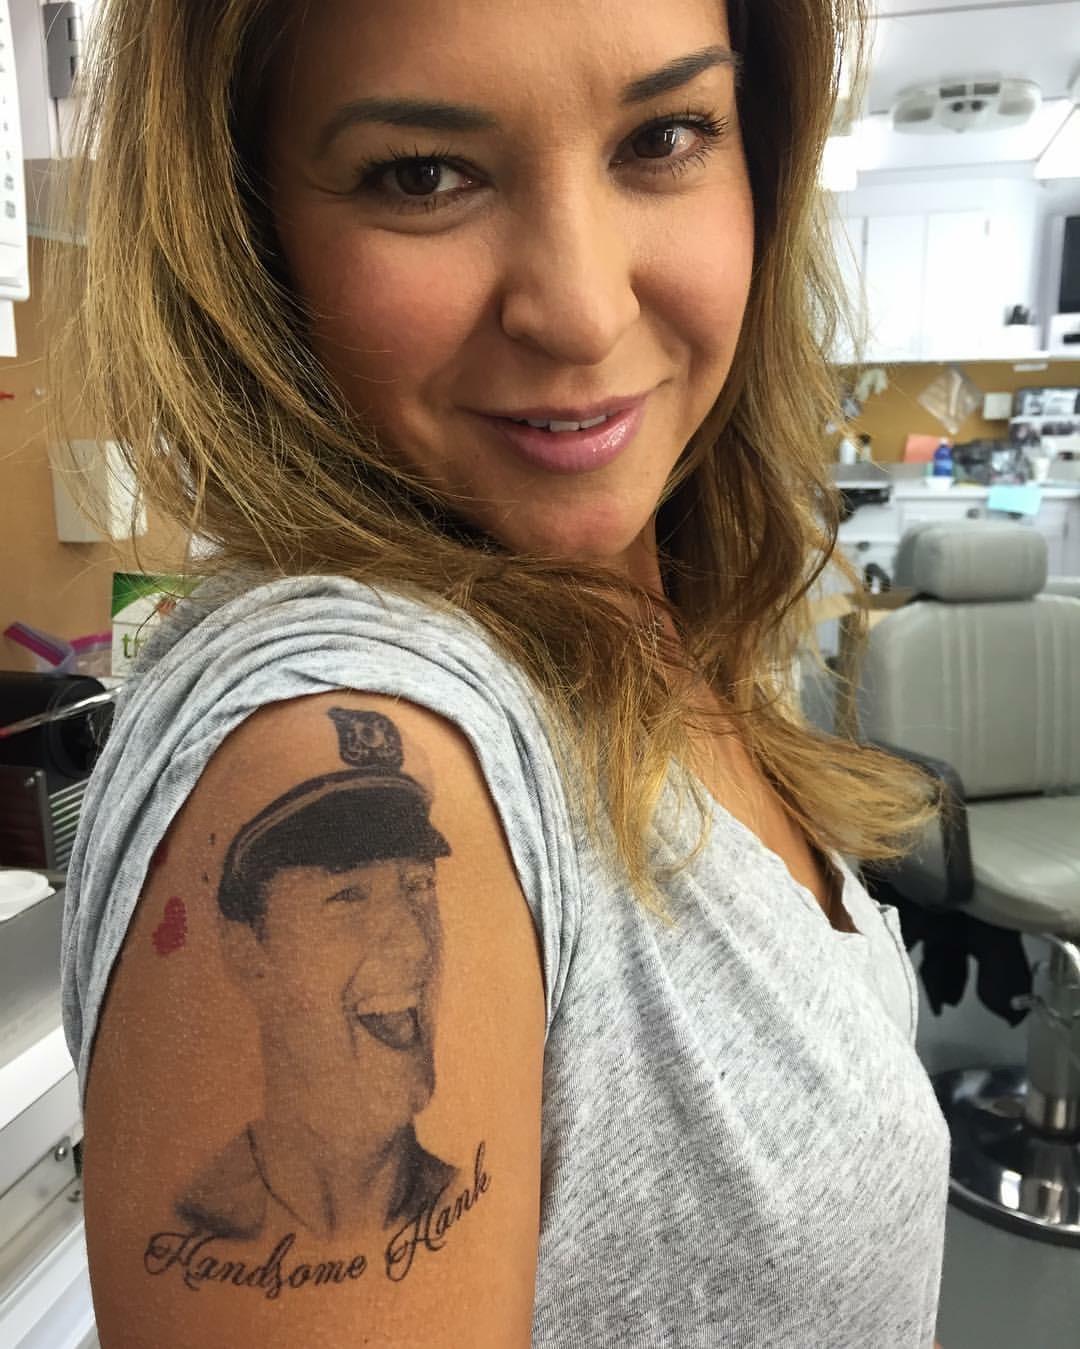 Fun Tattoo For a Friend